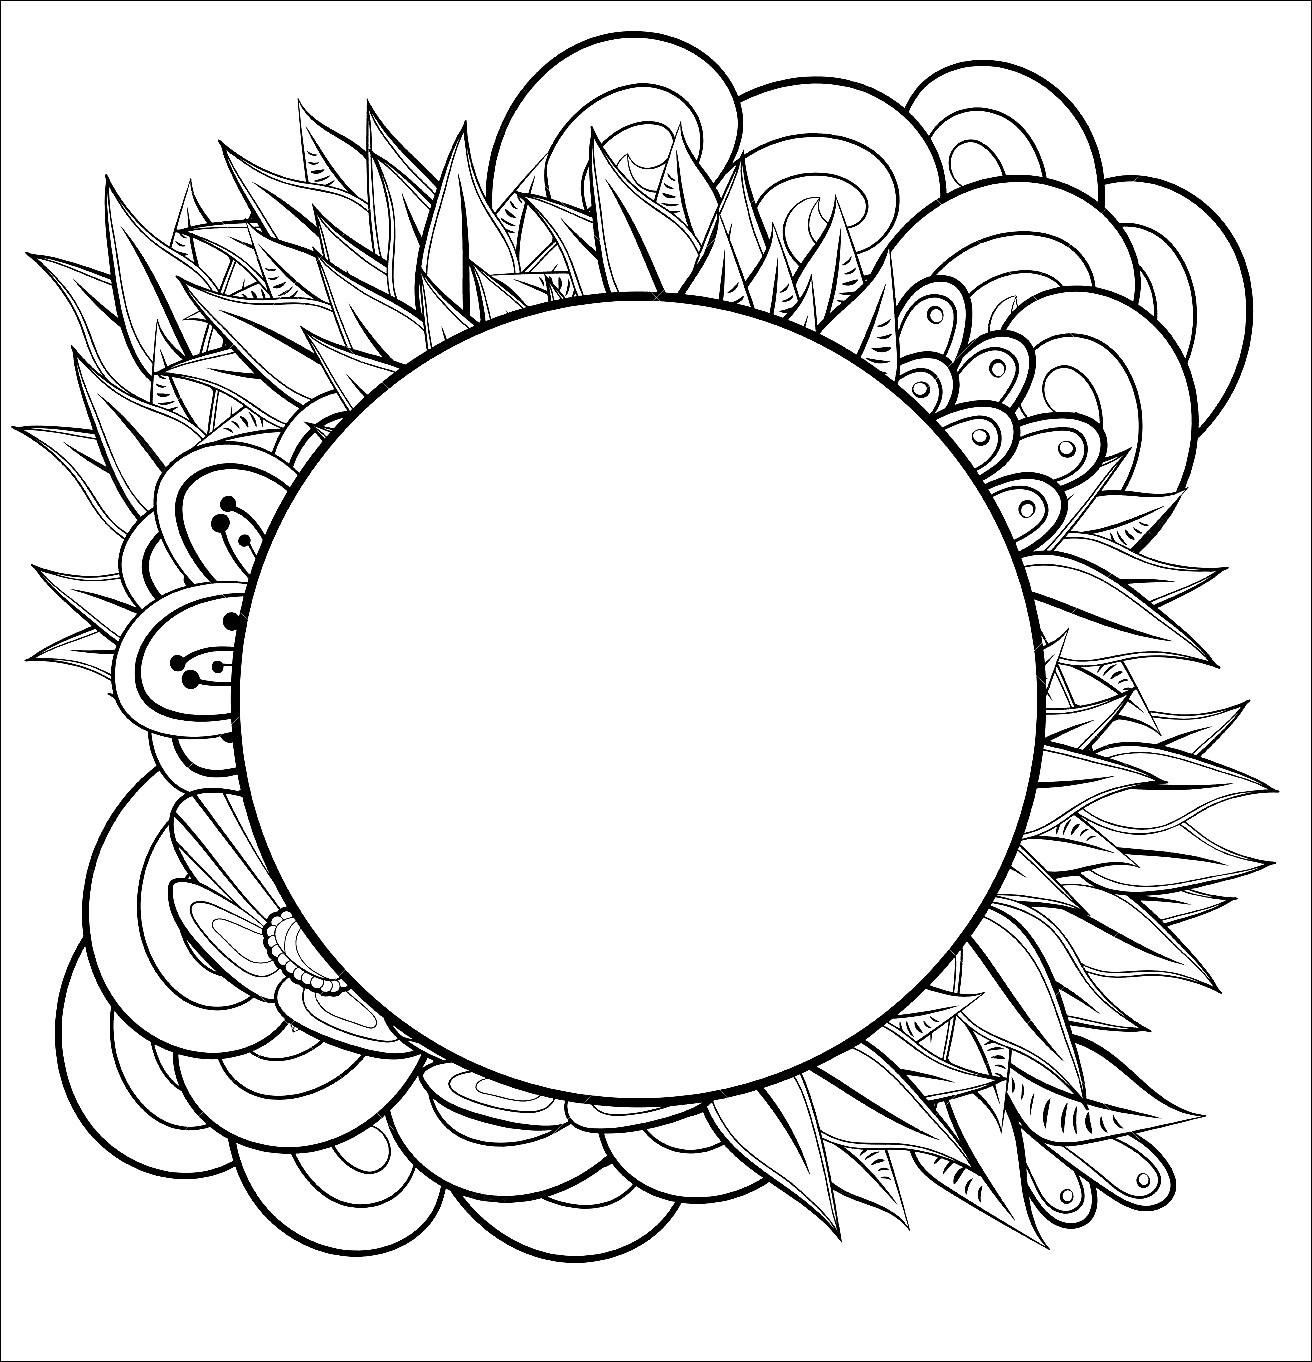 Disney Ausmalbilder Für Erwachsene Einzigartig Malbuch Für Erwachsene Zum Ausdrucken Free Mandala Fotografieren